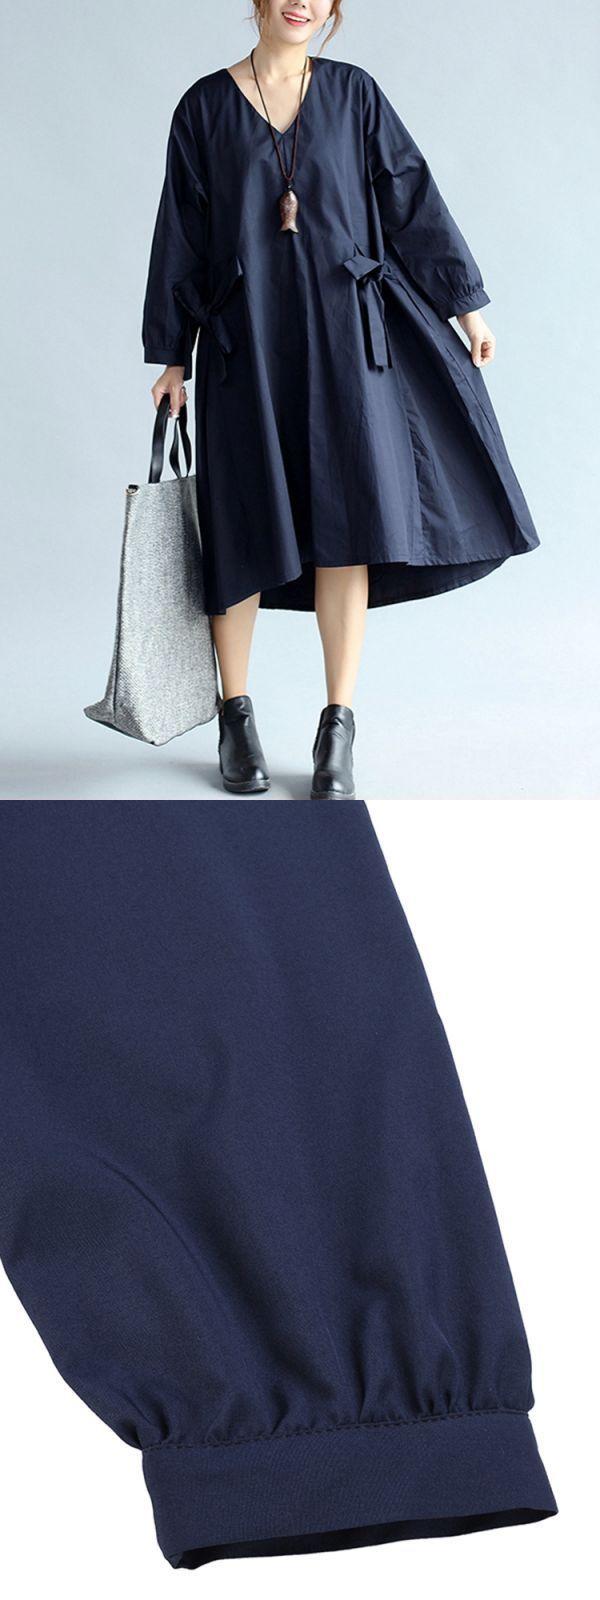 Casual vneck bowknot loose long sleeve women dress kim k casual